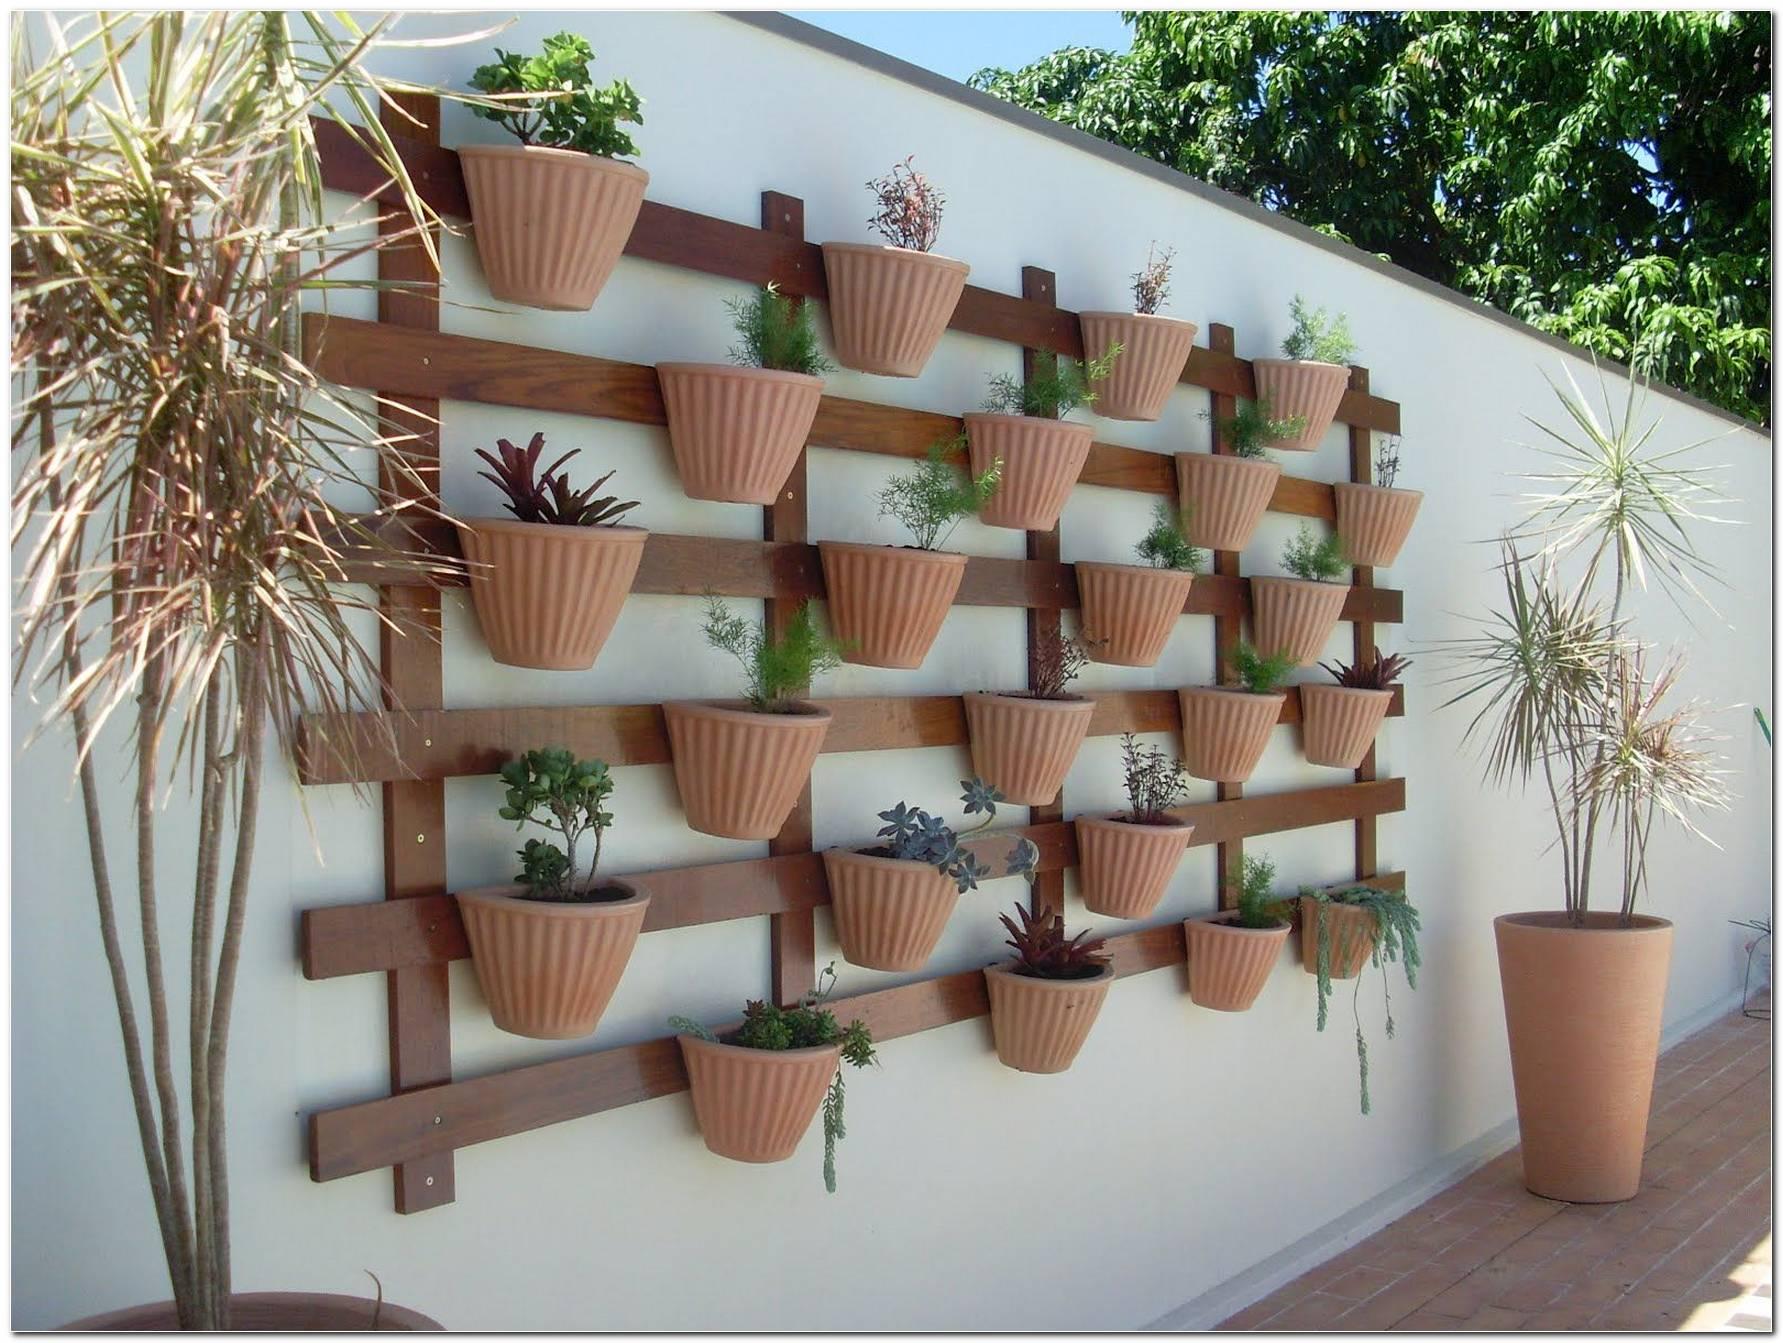 Jardim Suspenso Saiba Como Montar Veja Dicas E Exemplos